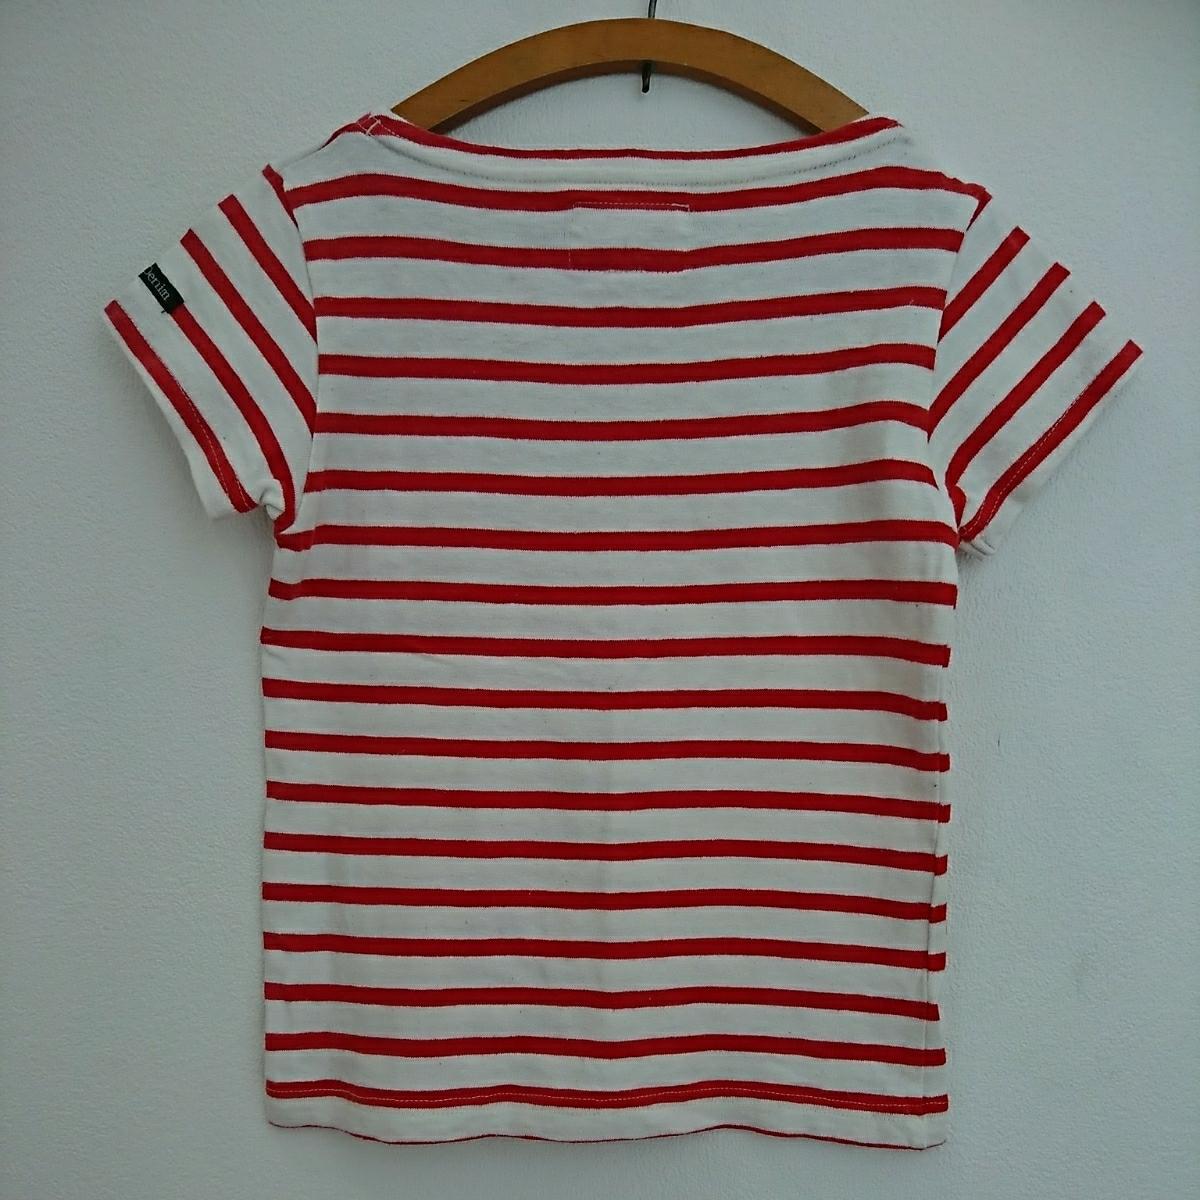 DENIM DUNGAREE ボーダーTシャツ 120 レッド FITH ゴートゥーハリウッド GO TO HOLLYWOOD デニム&ダンガリー 半袖 カットソー_画像3